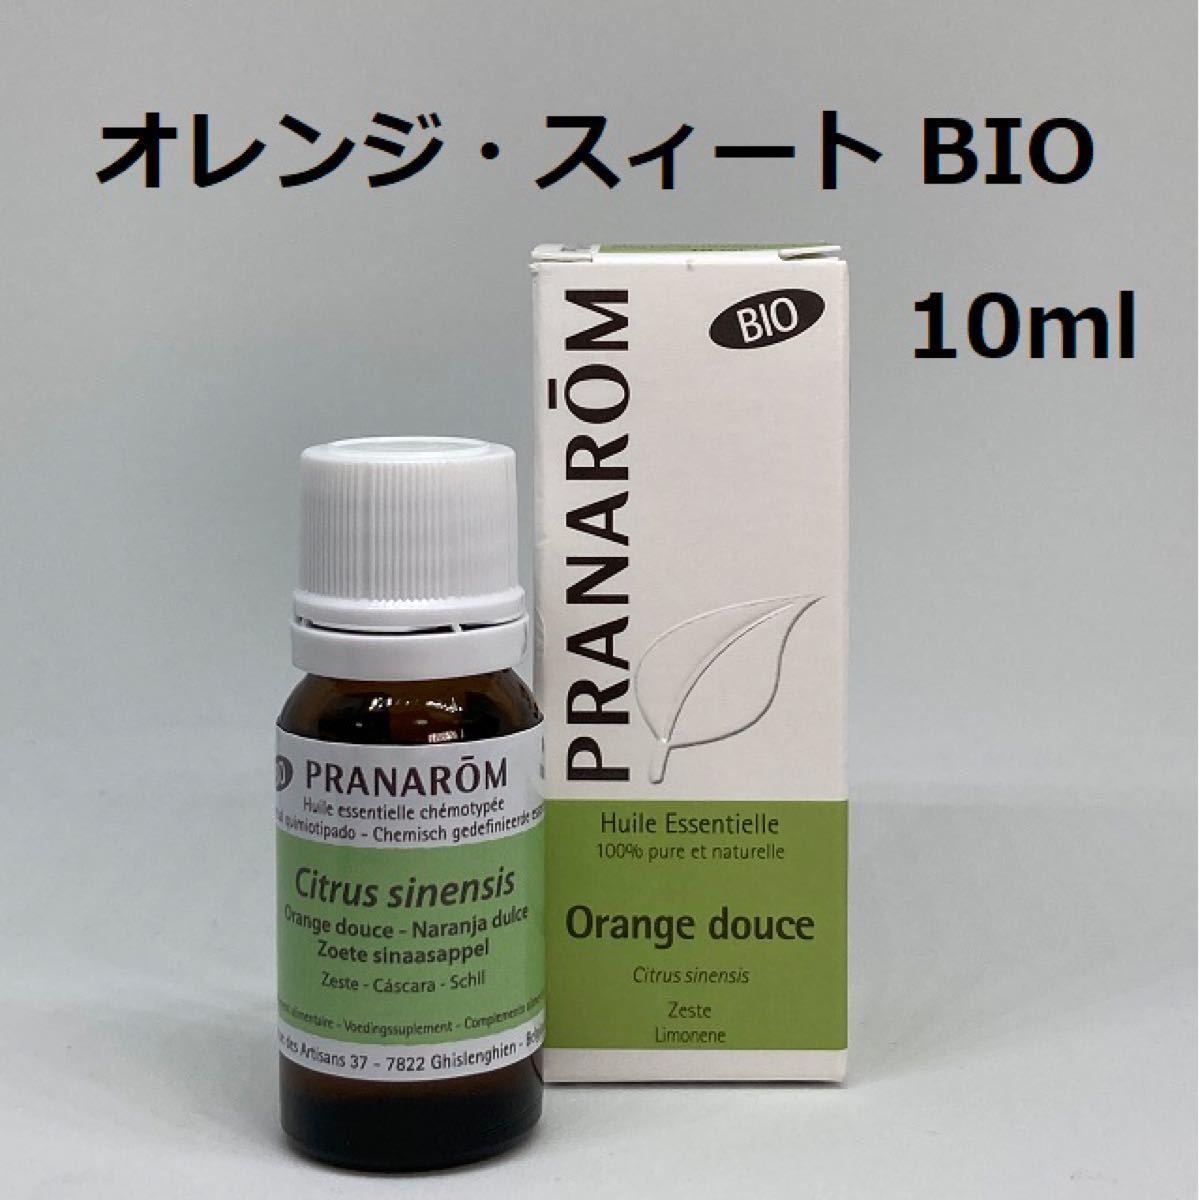 プラナロム オレンジスイート BIO 10ml オレンジスィート アロマオイル